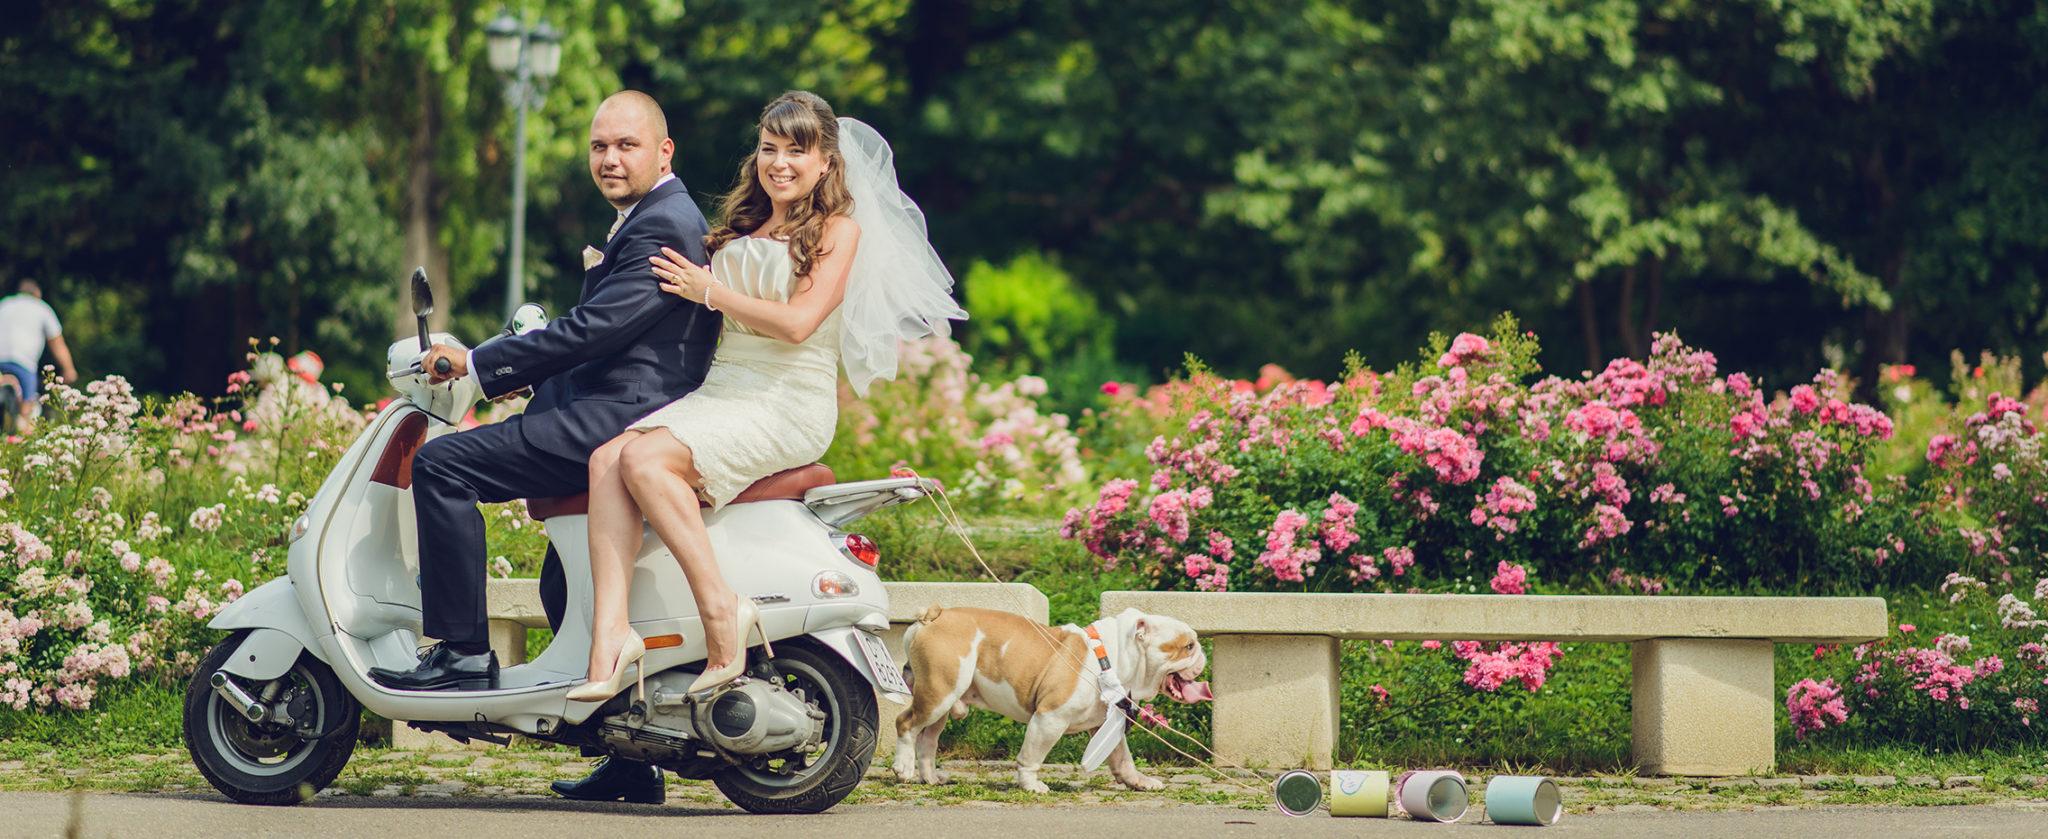 Сватбена Фотография Цени, Цени Сватбена Фотография, Цени Фотограф